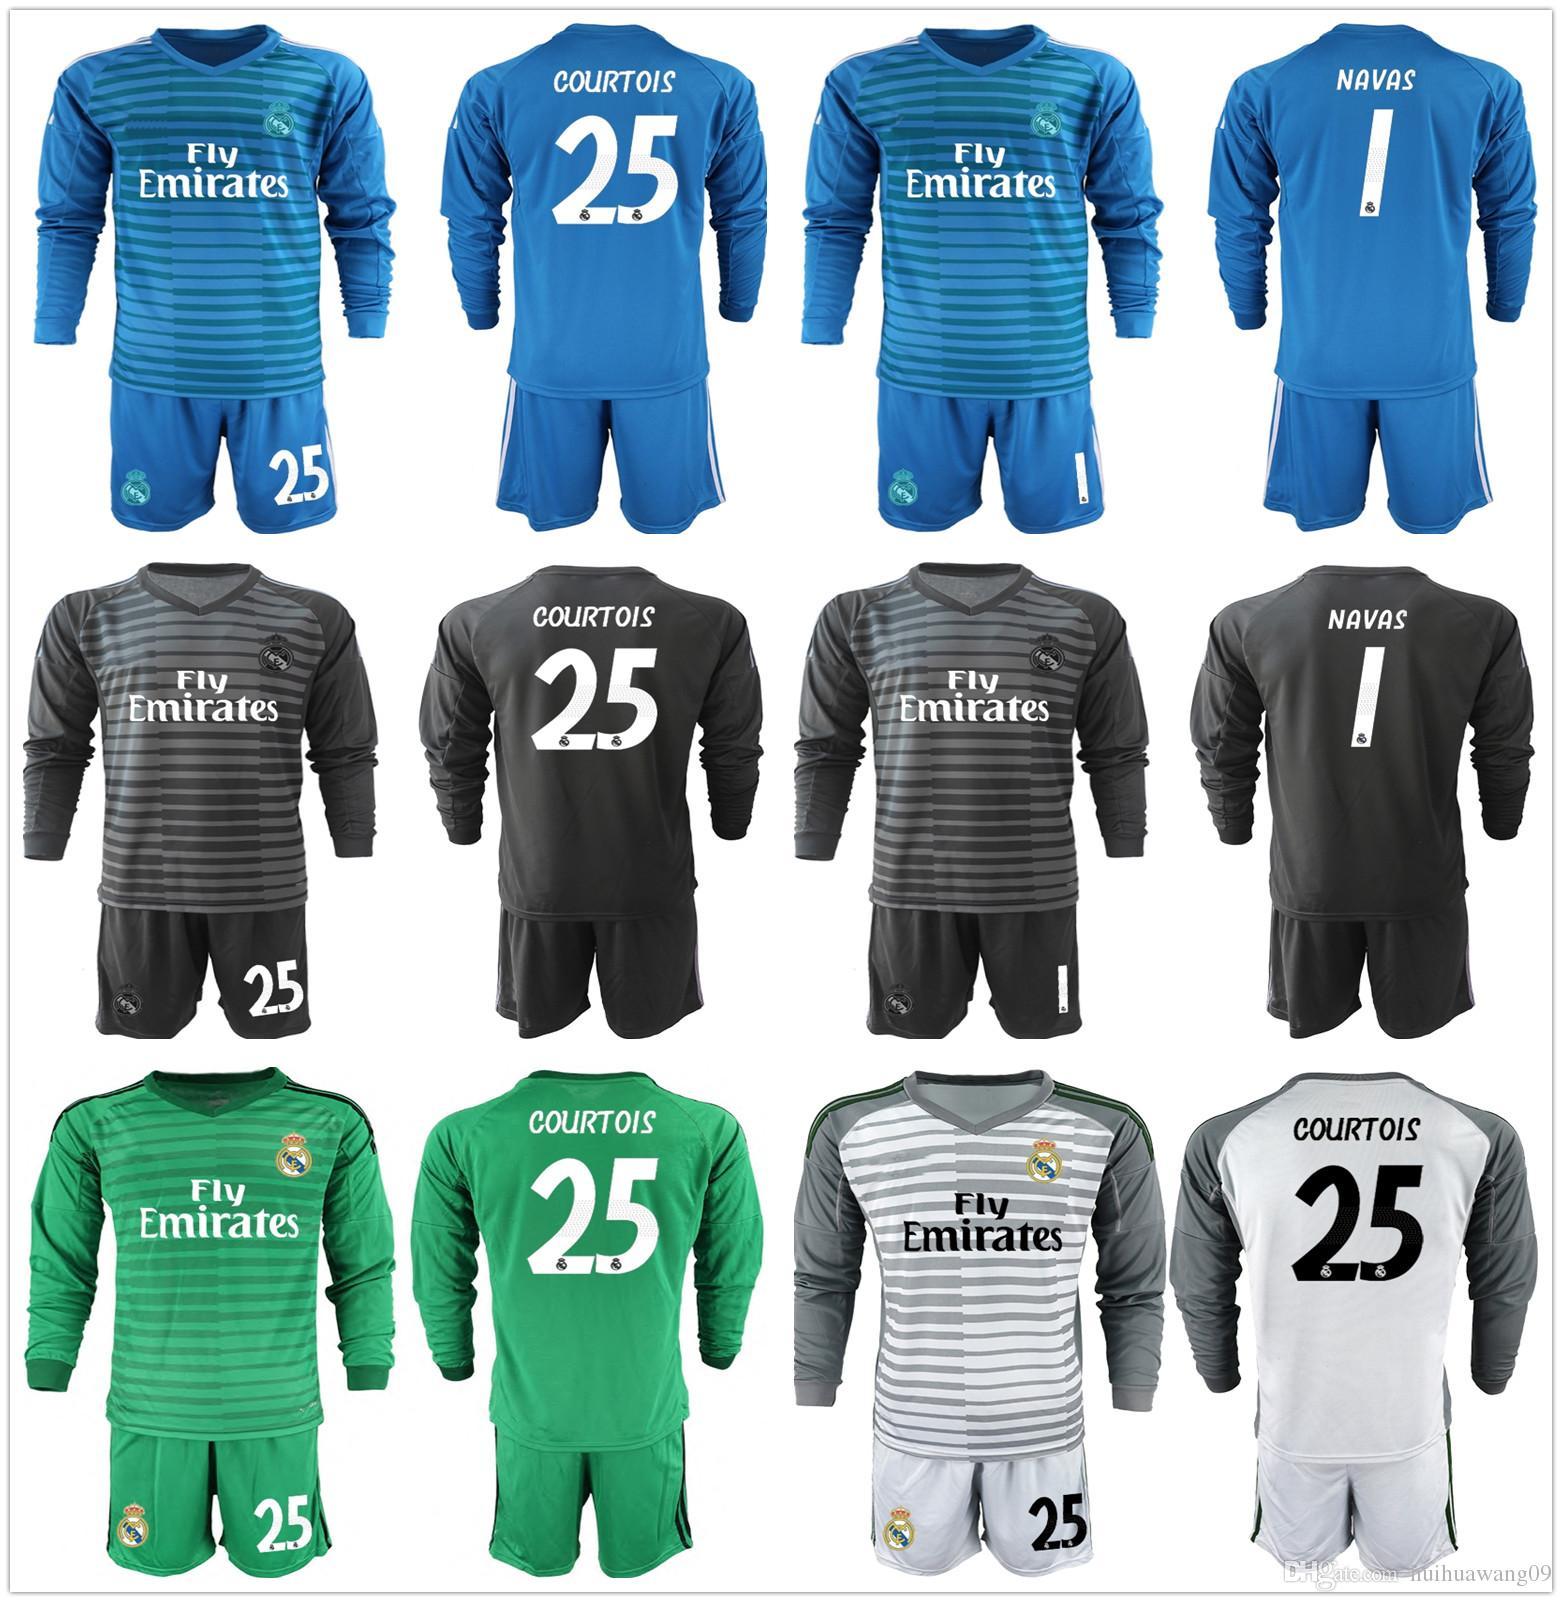 Compre 2018 2019 Conjunto De Fútbol De Real Madrid De Manga Larga Portero  Kit Keylor Navas 25 Portero De Courtois Camiseta De Mangas De Bale Del  Uniforme De ... 83986cf3da46a